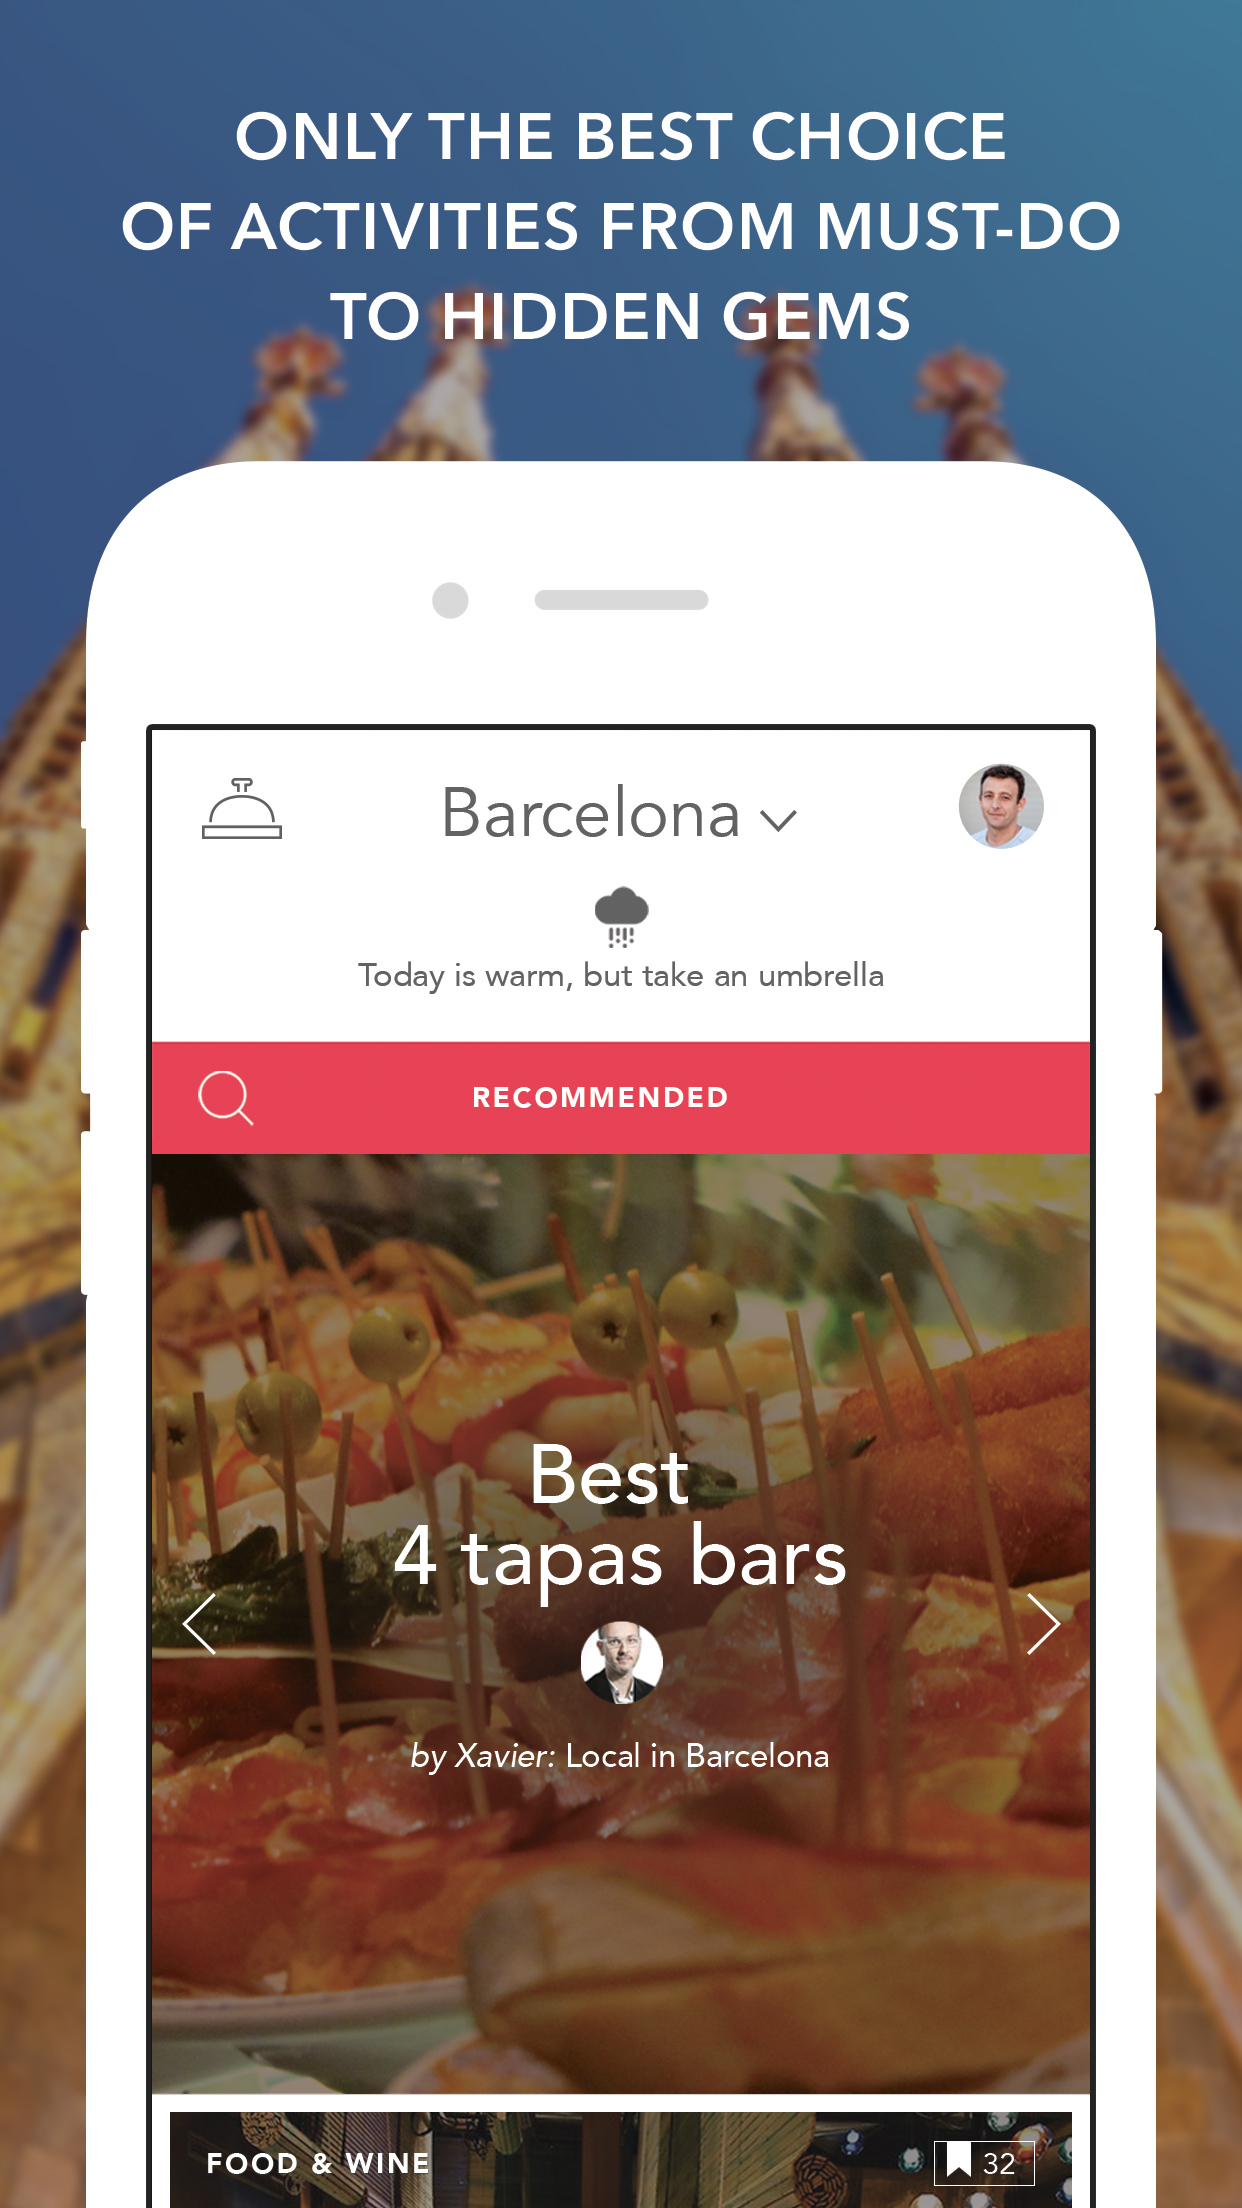 Cosa mangiare stasera a Barcellona? Ecco una lista dei migliori tapas bar